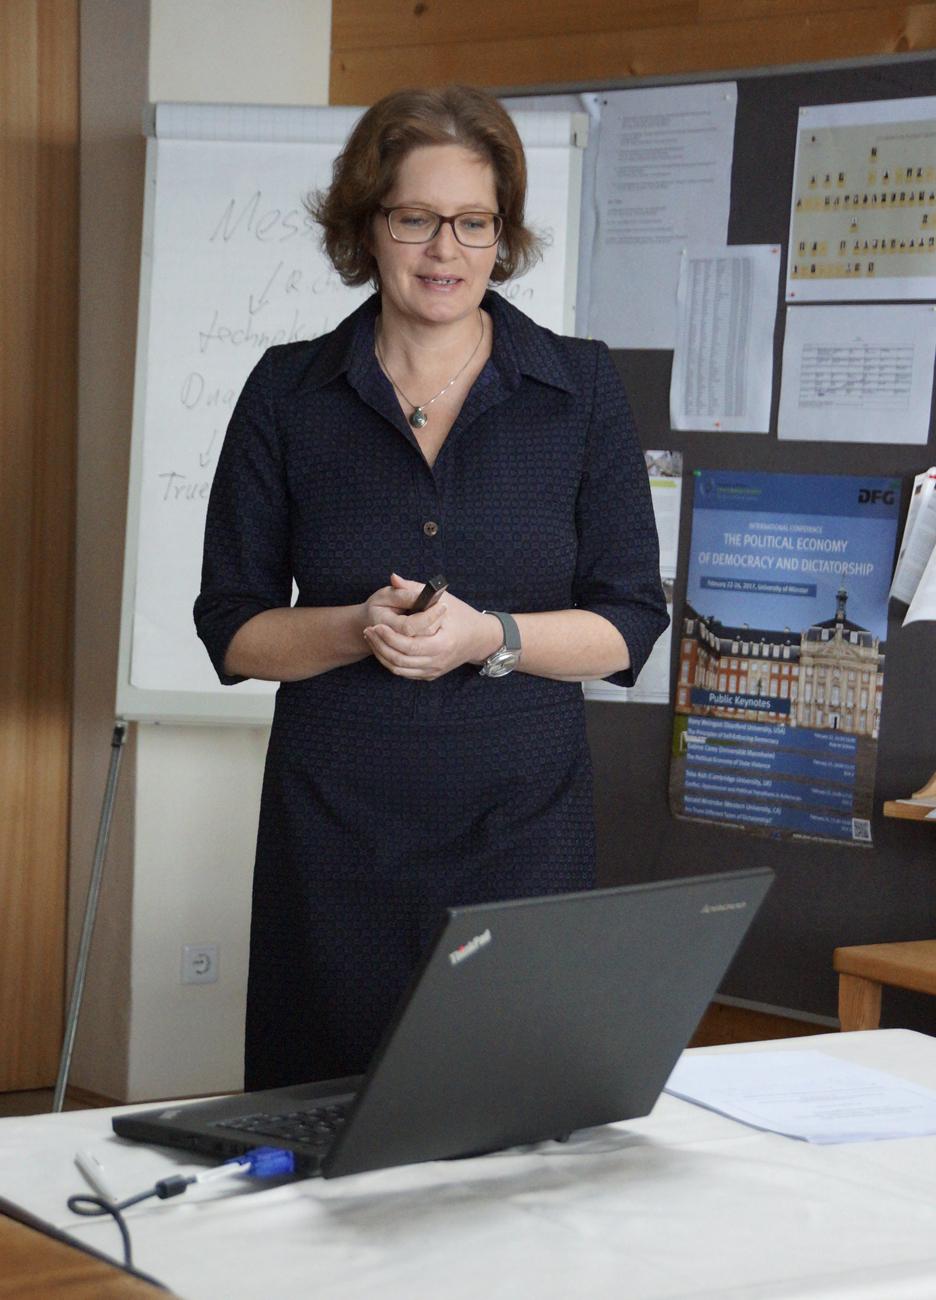 Dr. Susanne Cassel